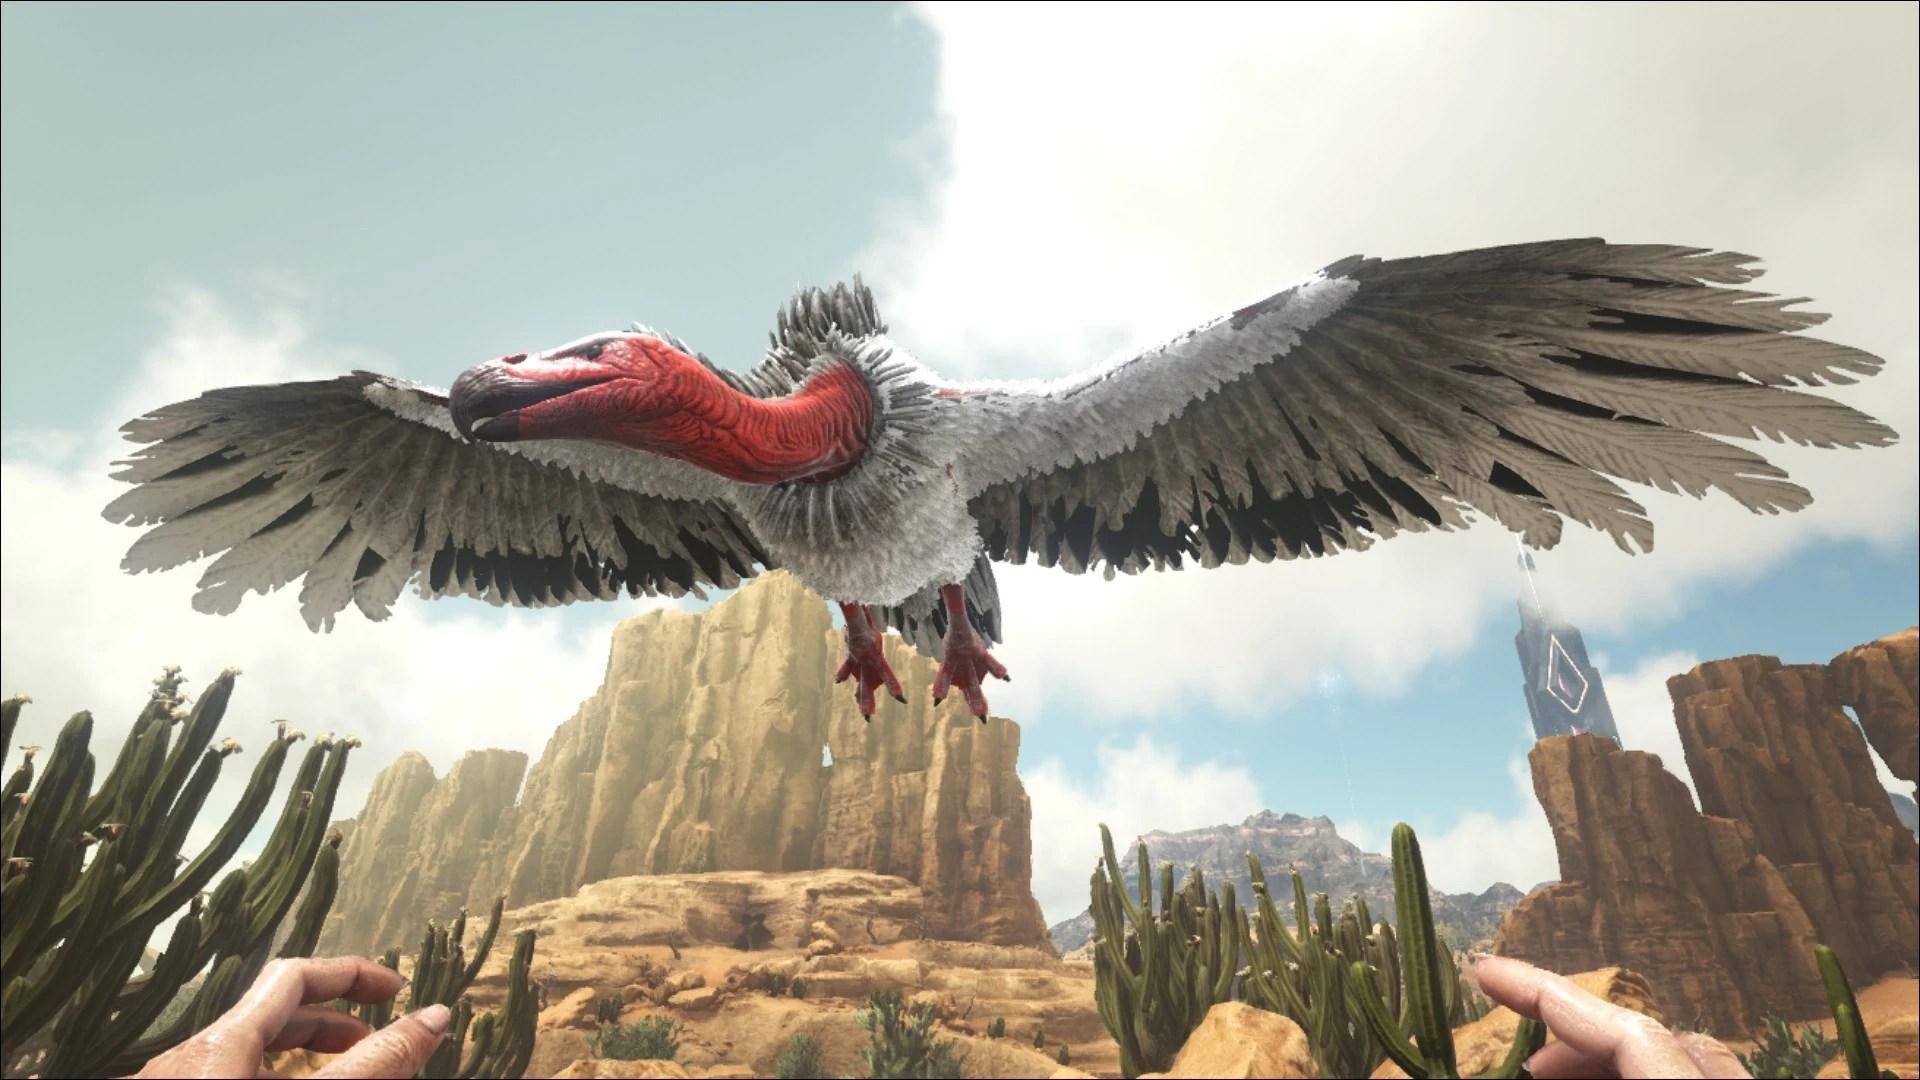 Vulture Official ARK Survival Evolved Wiki